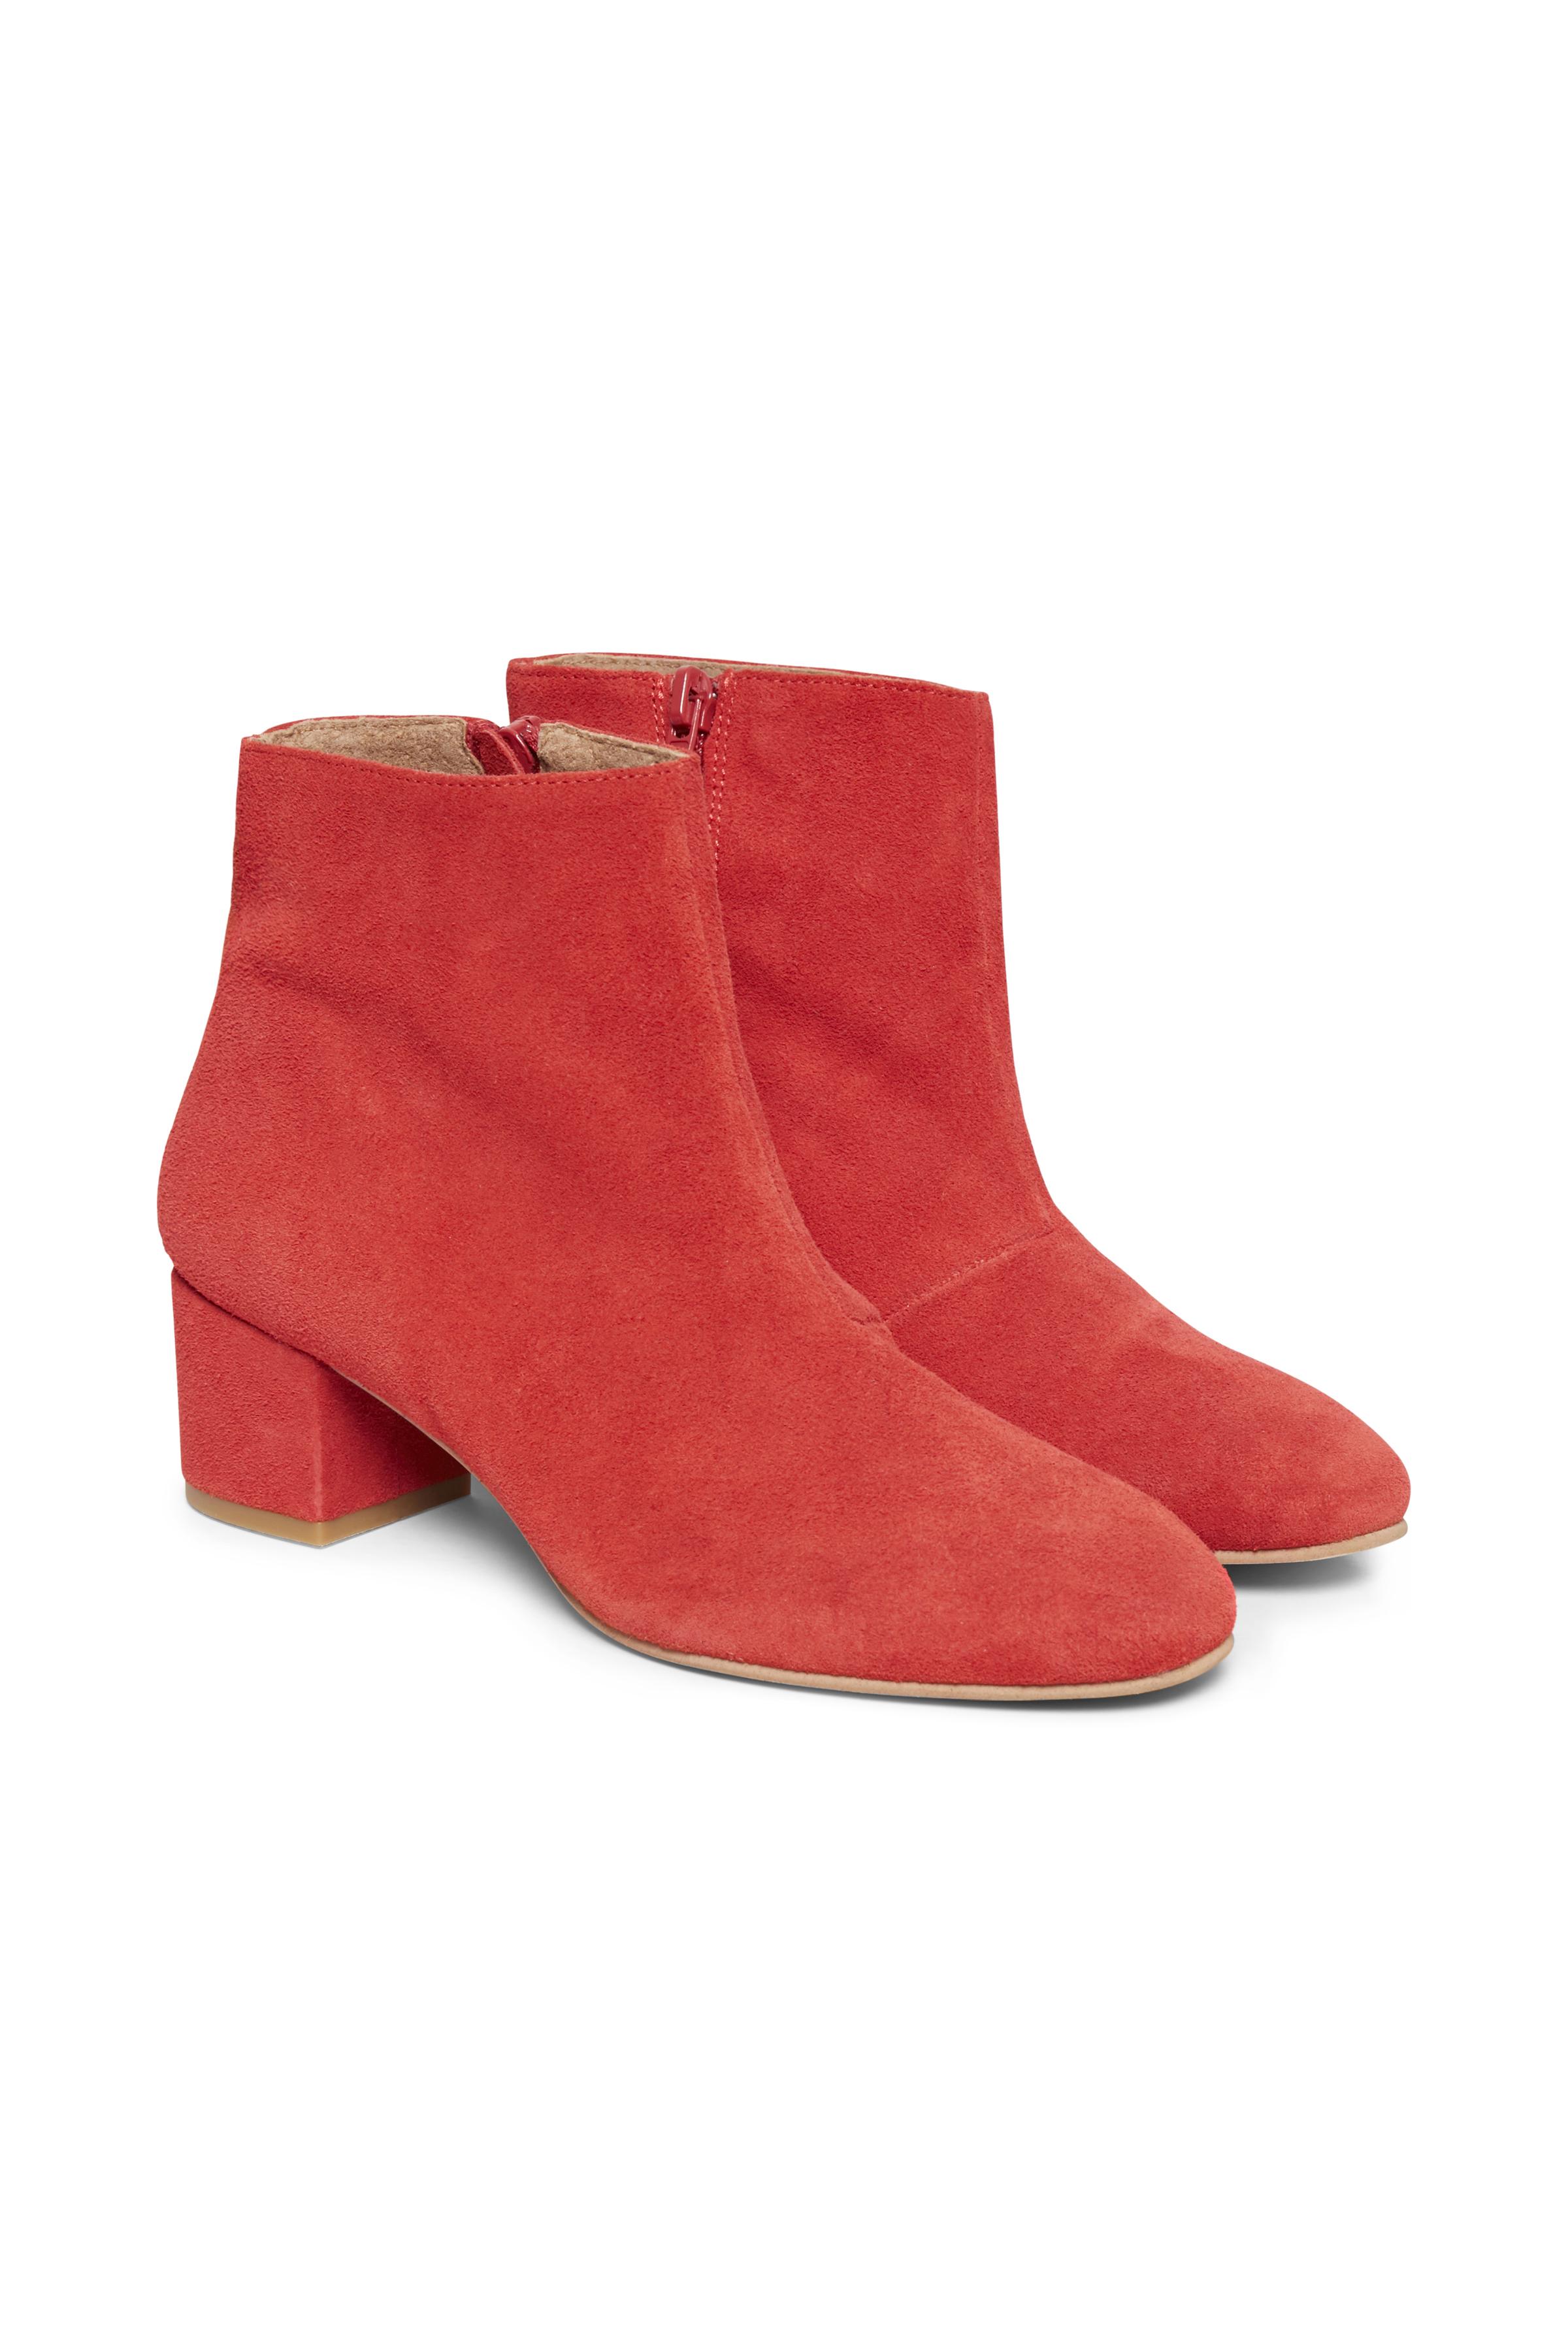 Röd Mockastövla från Cream Accessories – Köp Röd Mockastövla från stl. 36-41 här